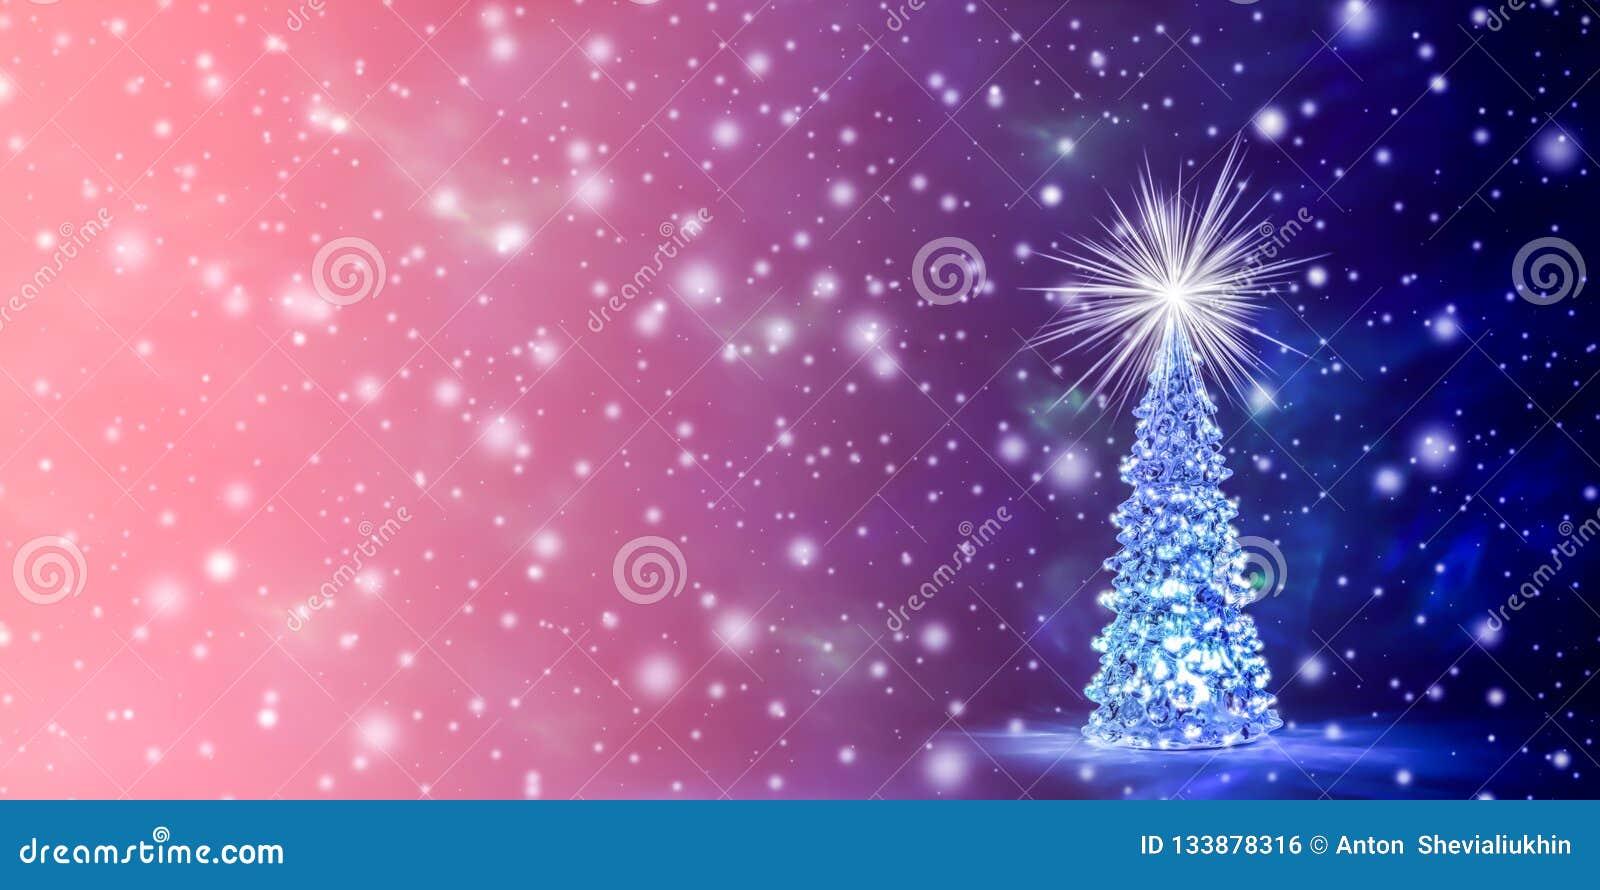 Fondo de la Navidad y del Año Nuevo en el color natural del coral vivo - el color del año 2019